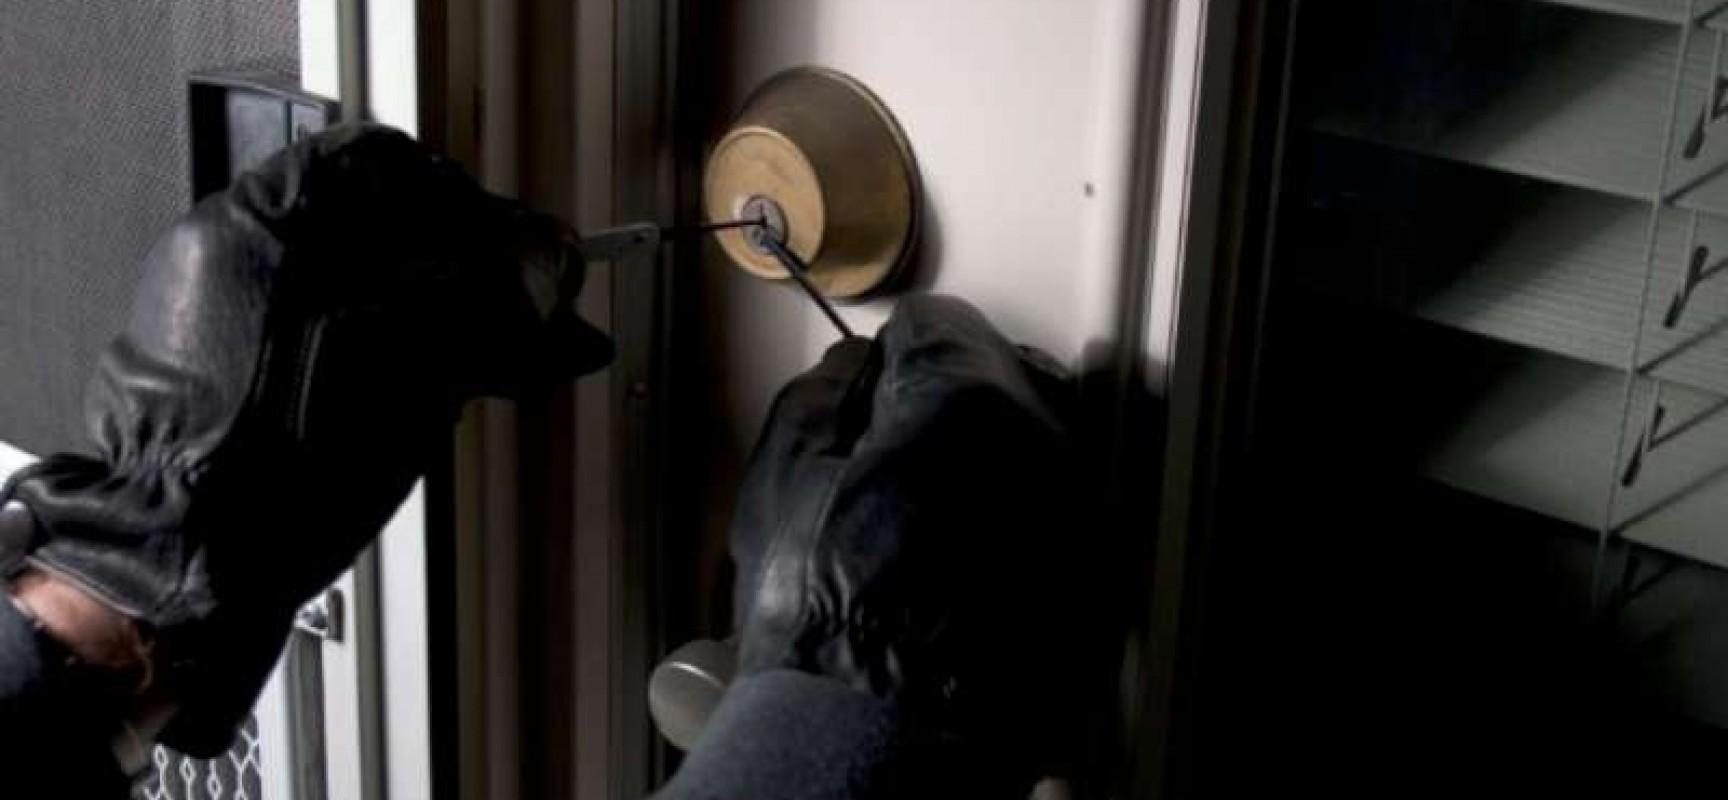 Tentato furto in un appartamento in Via Principe di Piemonte